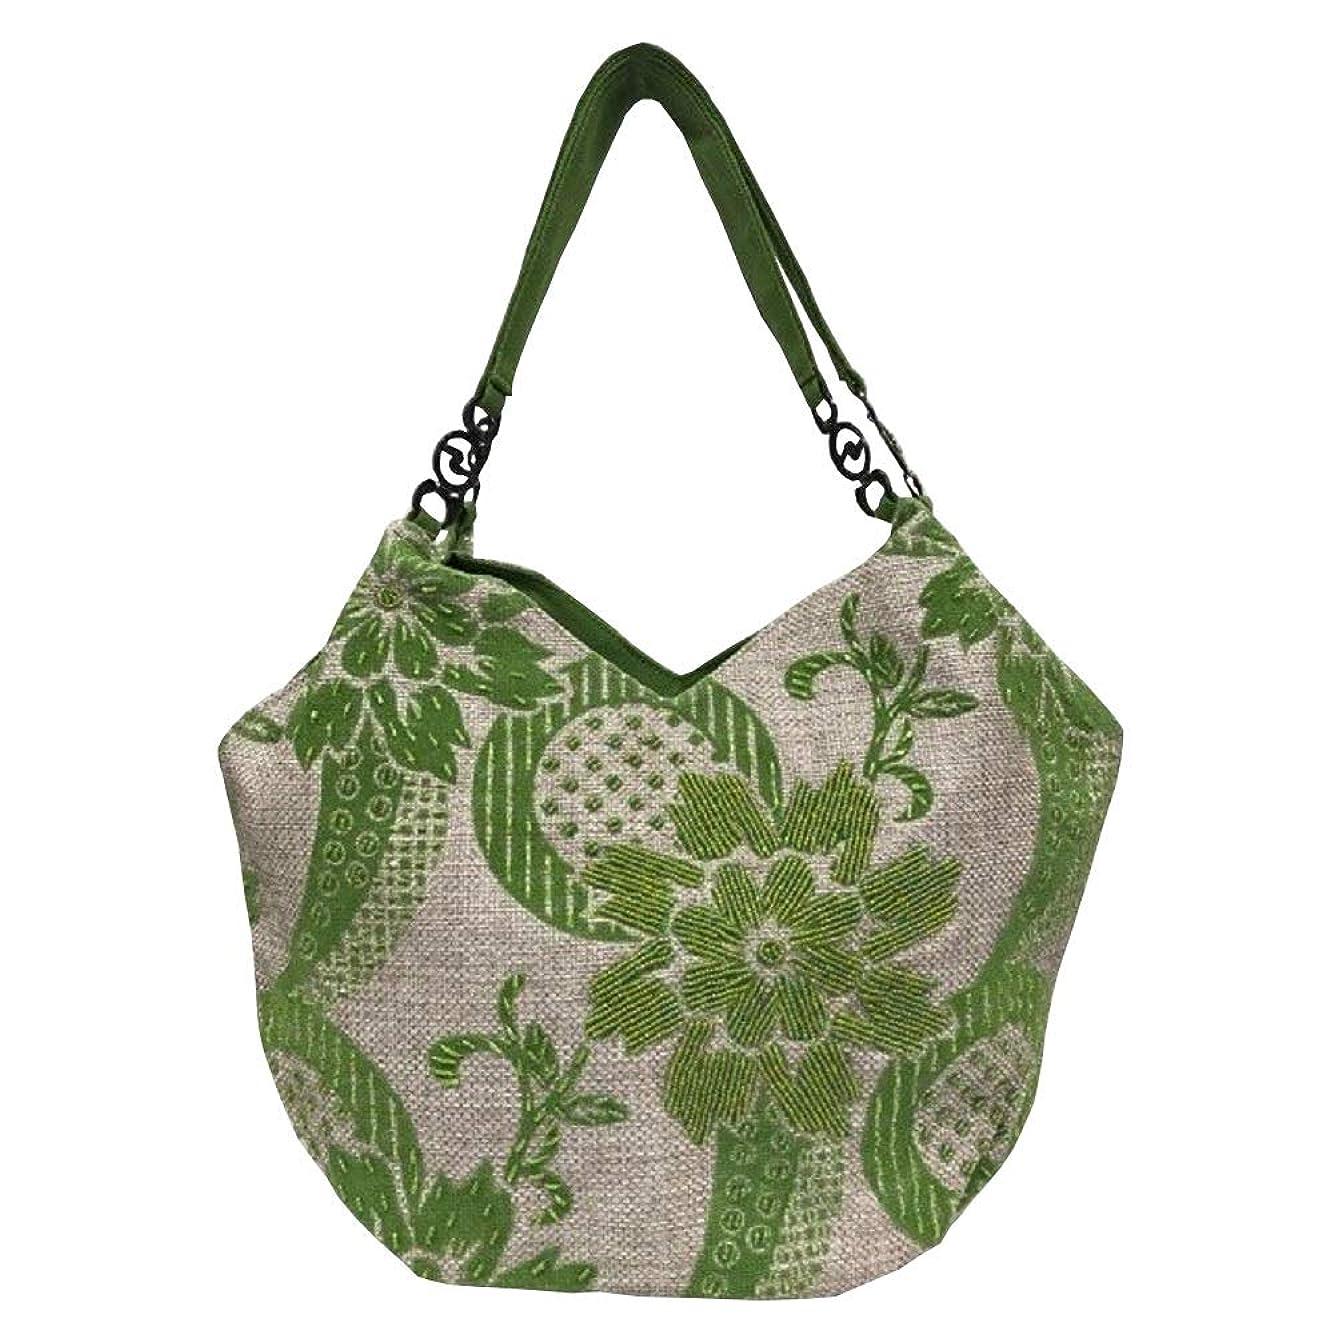 勇者読み書きのできないご覧くださいベトナムバッグ ビーズバッグ チェーン トートバッグ 肩掛け 鞄 ベトナム雑貨